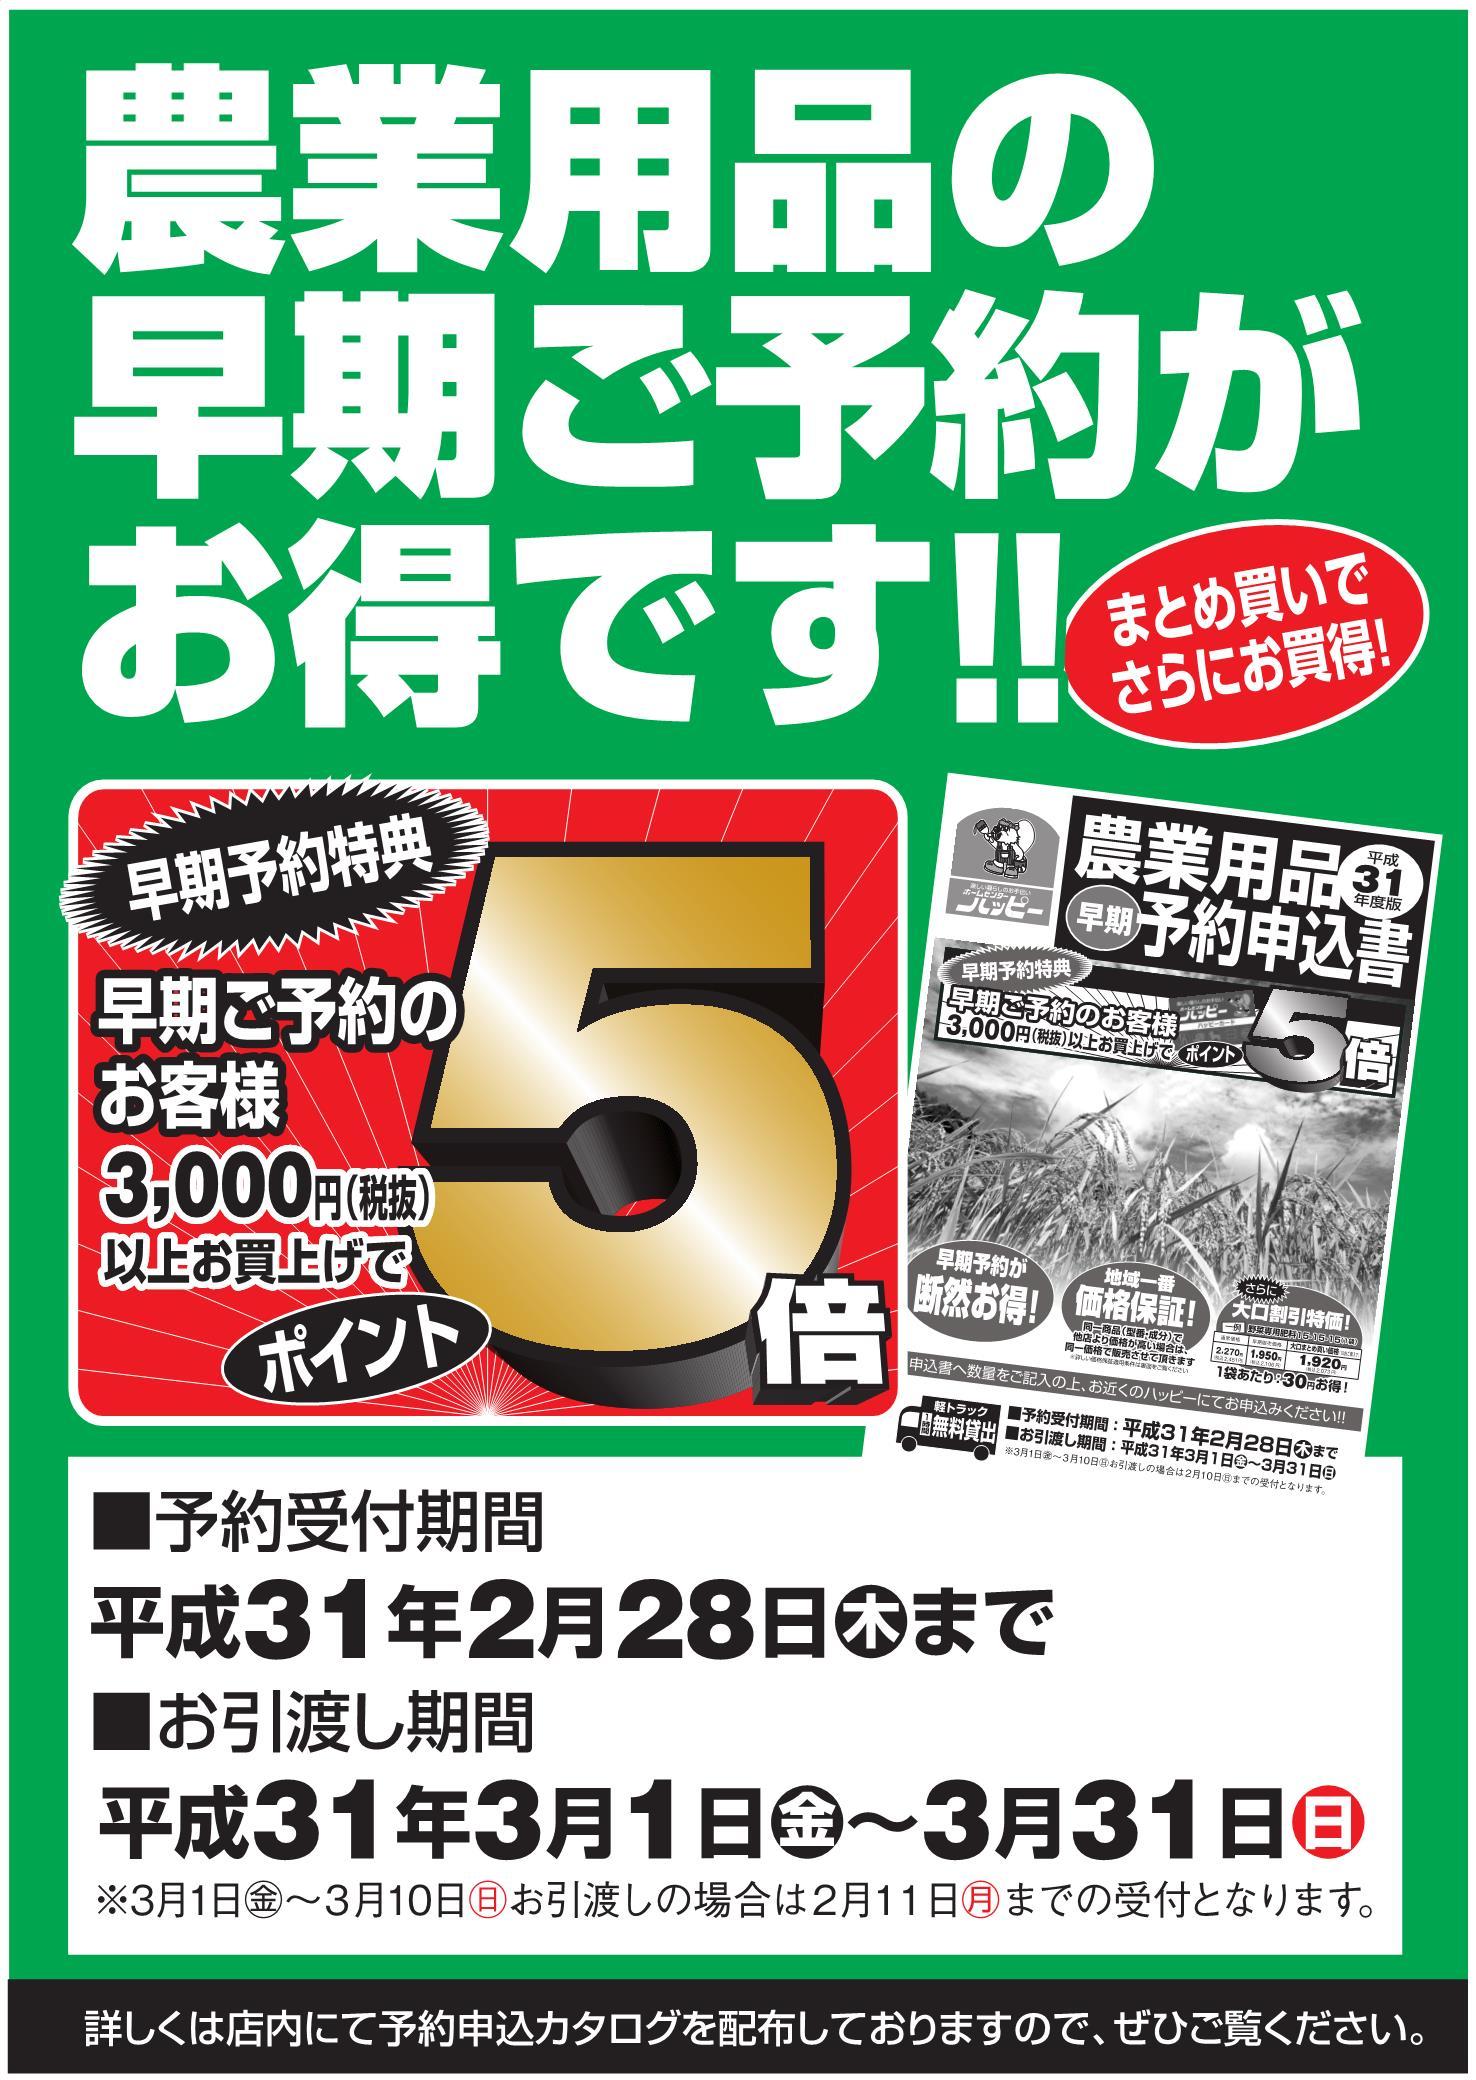 【ホームセンターハッピー全店】平成31年度農業用品早期予約開始のお知らせ